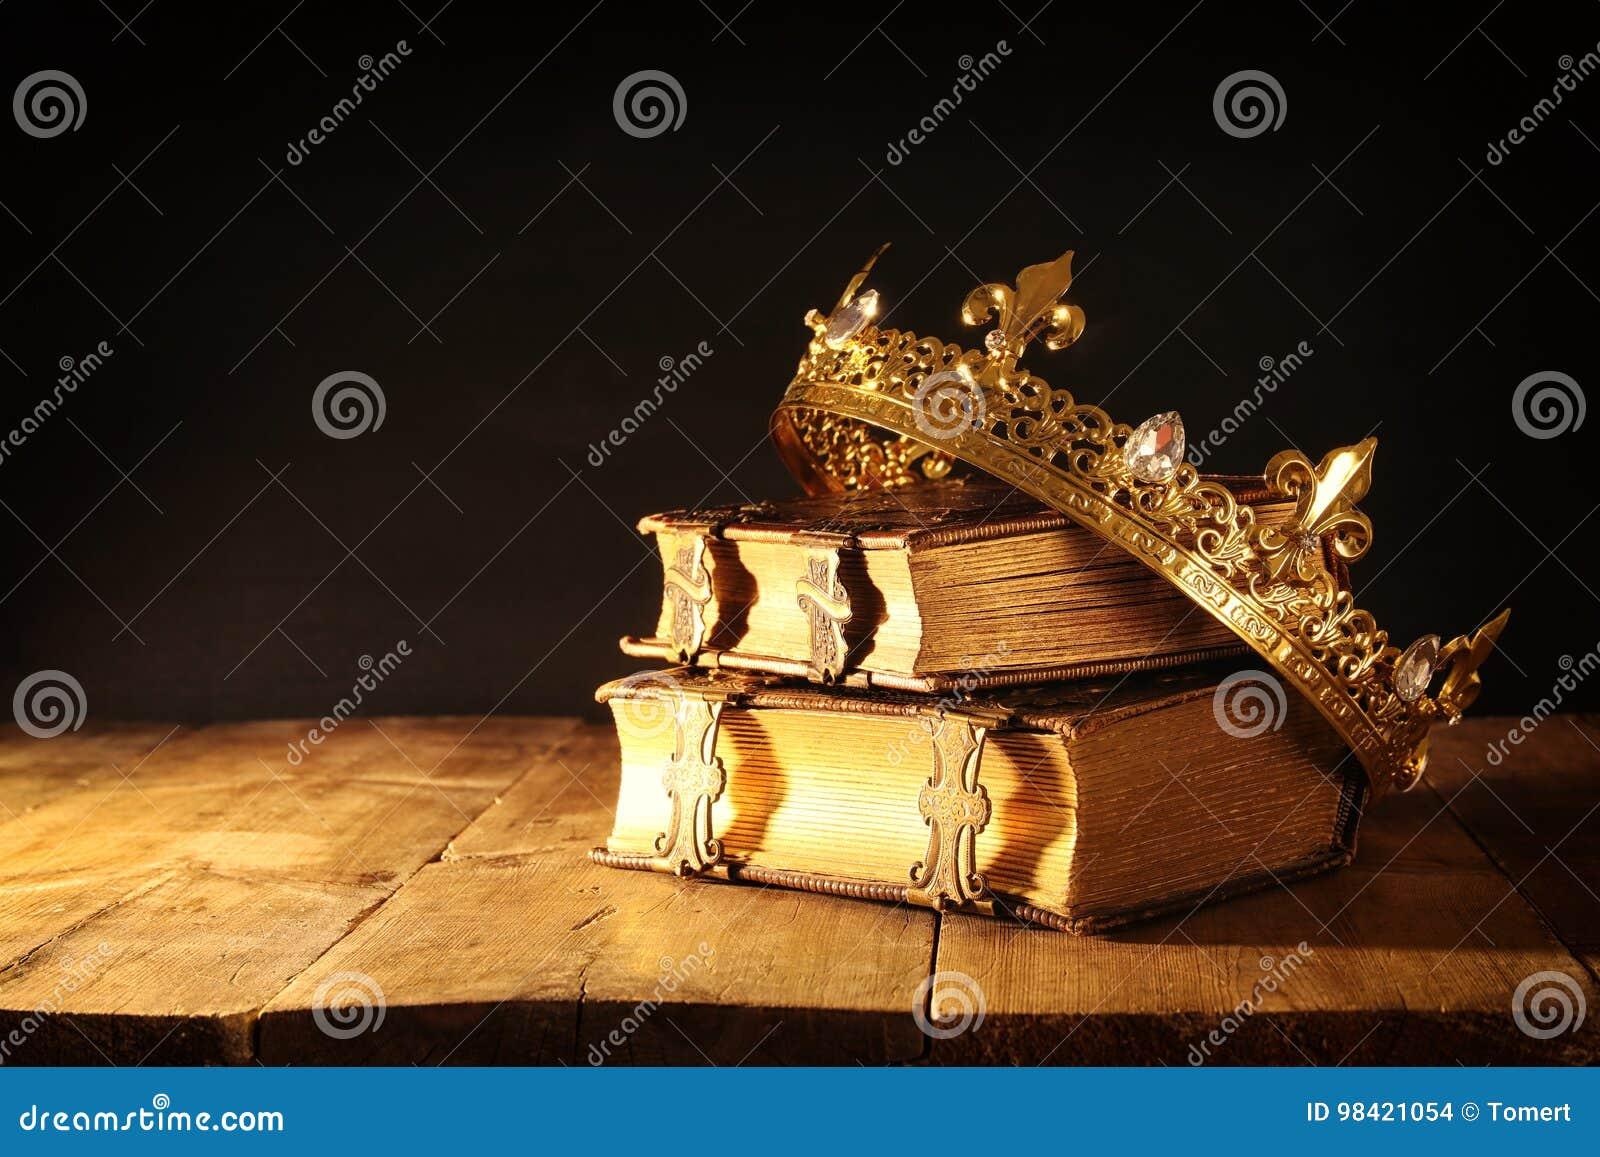 Scuro Di Belle Reginacorona Di Re Sui Vecchi Libri Annata Filtrata